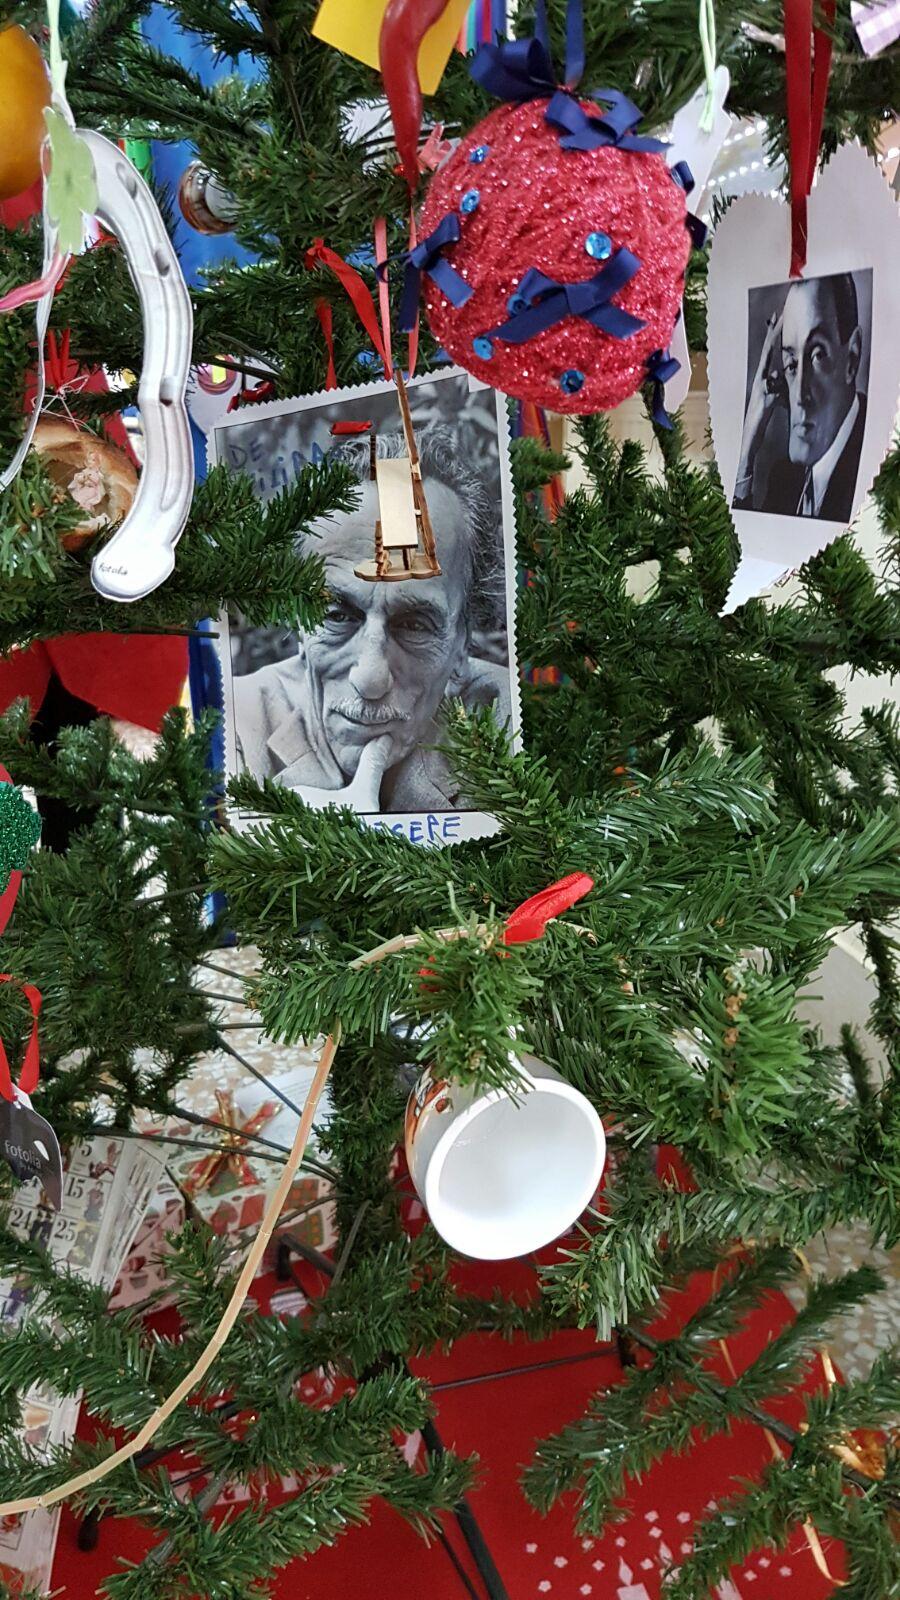 Da domani presepe e albero di Natale della solidarietà per i piccoli alunni del Plesso Scuola per l'Infanzia dell'Istituto comprensivo Carlo Santagata